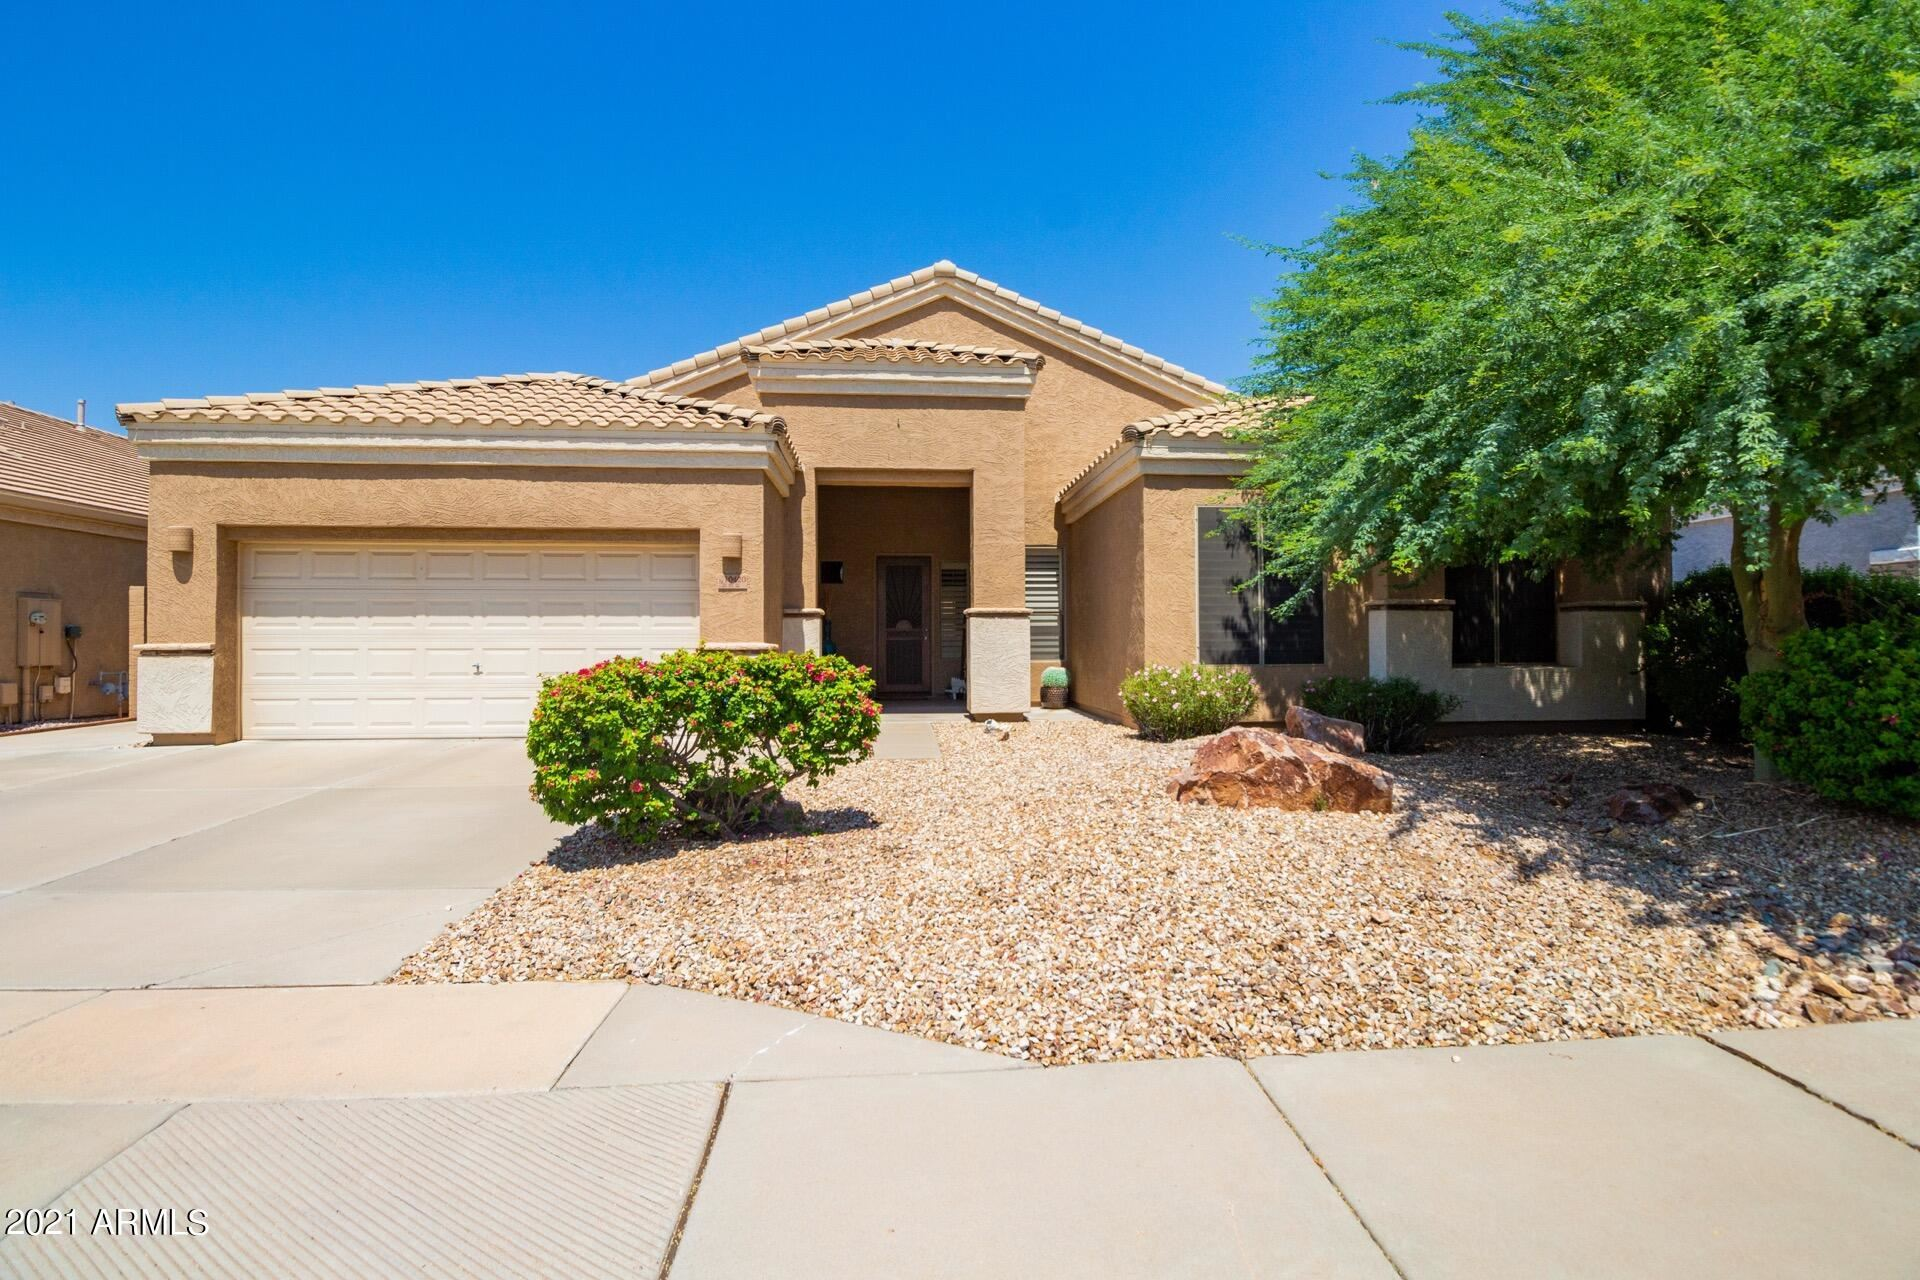 Photo of 10420 E IRWIN Circle, Mesa, AZ 85209 (MLS # 6293485)